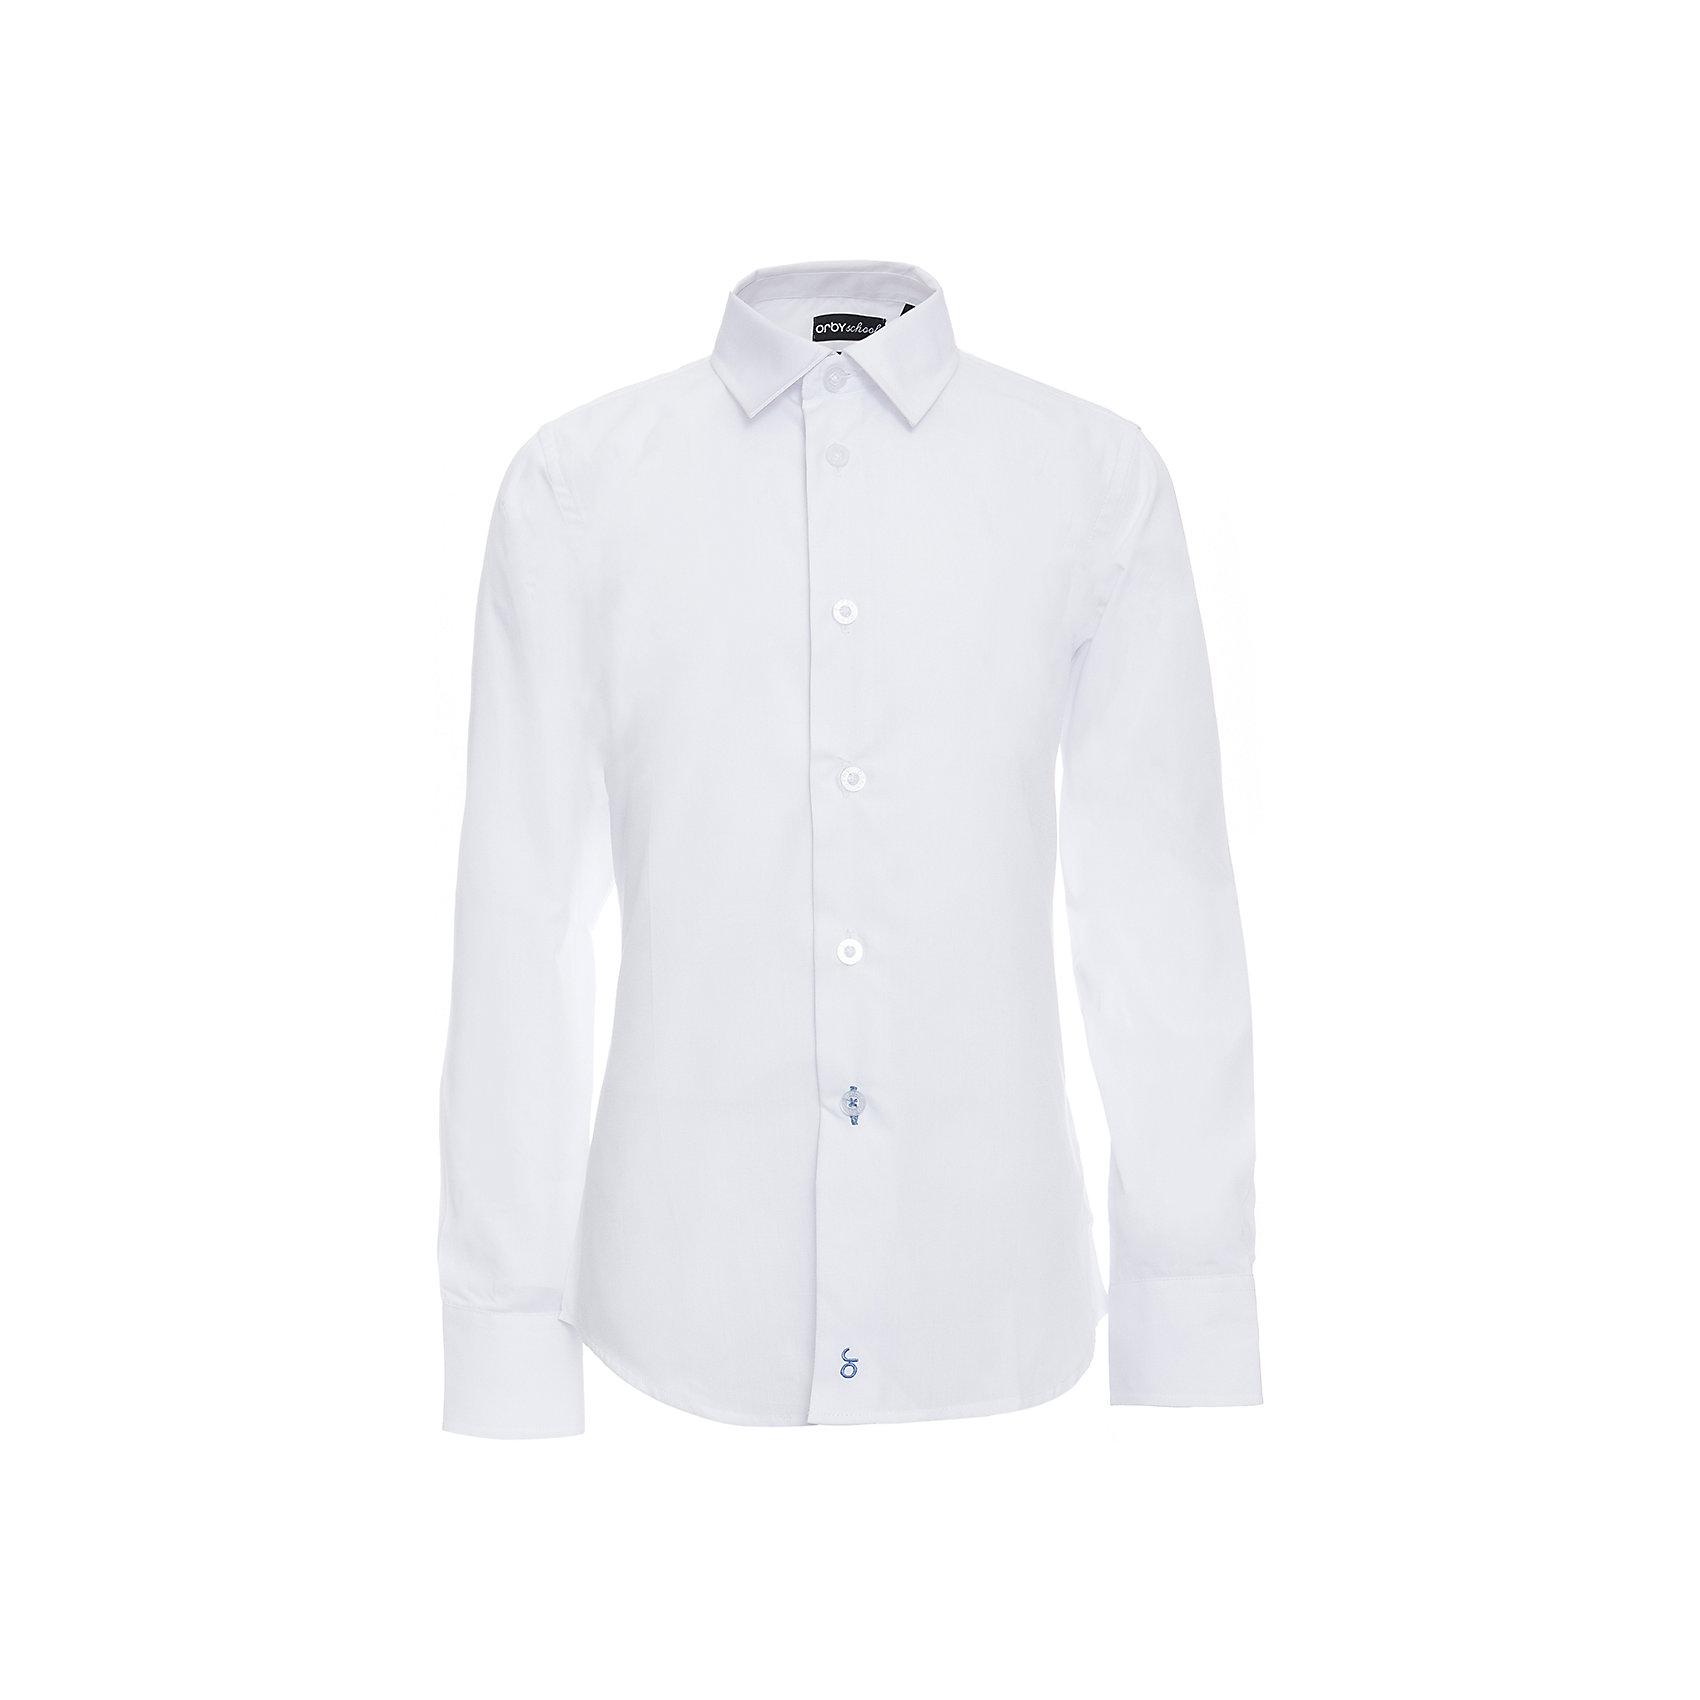 Рубашка для мальчика OrbyБлузки и рубашки<br>Характеристики товара:<br><br>• цвет: белый<br>• состав ткани: 65 % ПЭ, 35 % хлопок<br>• особенности: школьная, праздничная<br>• длинные рукава<br>• застежка: пуговицы<br>• отложной воротник<br>• сезон: круглый год<br>• страна бренда: Россия<br>• страна изготовитель: Россия<br><br>Белая классическая рубашка для мальчика Orby - базовая вещь гардероба. Такая классическая сорочка хорошо дополнит школьную форму. <br><br>Модель сшита из материала с добавлением натурального хлопка. Классическая рубашка поможет ребенку выглядеть стильно и чувствовать себя комфортно. <br><br>Рубашку для мальчика Orby (Орби) можно купить в нашем интернет-магазине.<br><br>Ширина мм: 174<br>Глубина мм: 10<br>Высота мм: 169<br>Вес г: 157<br>Цвет: белый<br>Возраст от месяцев: 168<br>Возраст до месяцев: 180<br>Пол: Мужской<br>Возраст: Детский<br>Размер: 170,122,128,134,140,146,152,158,164<br>SKU: 6960363